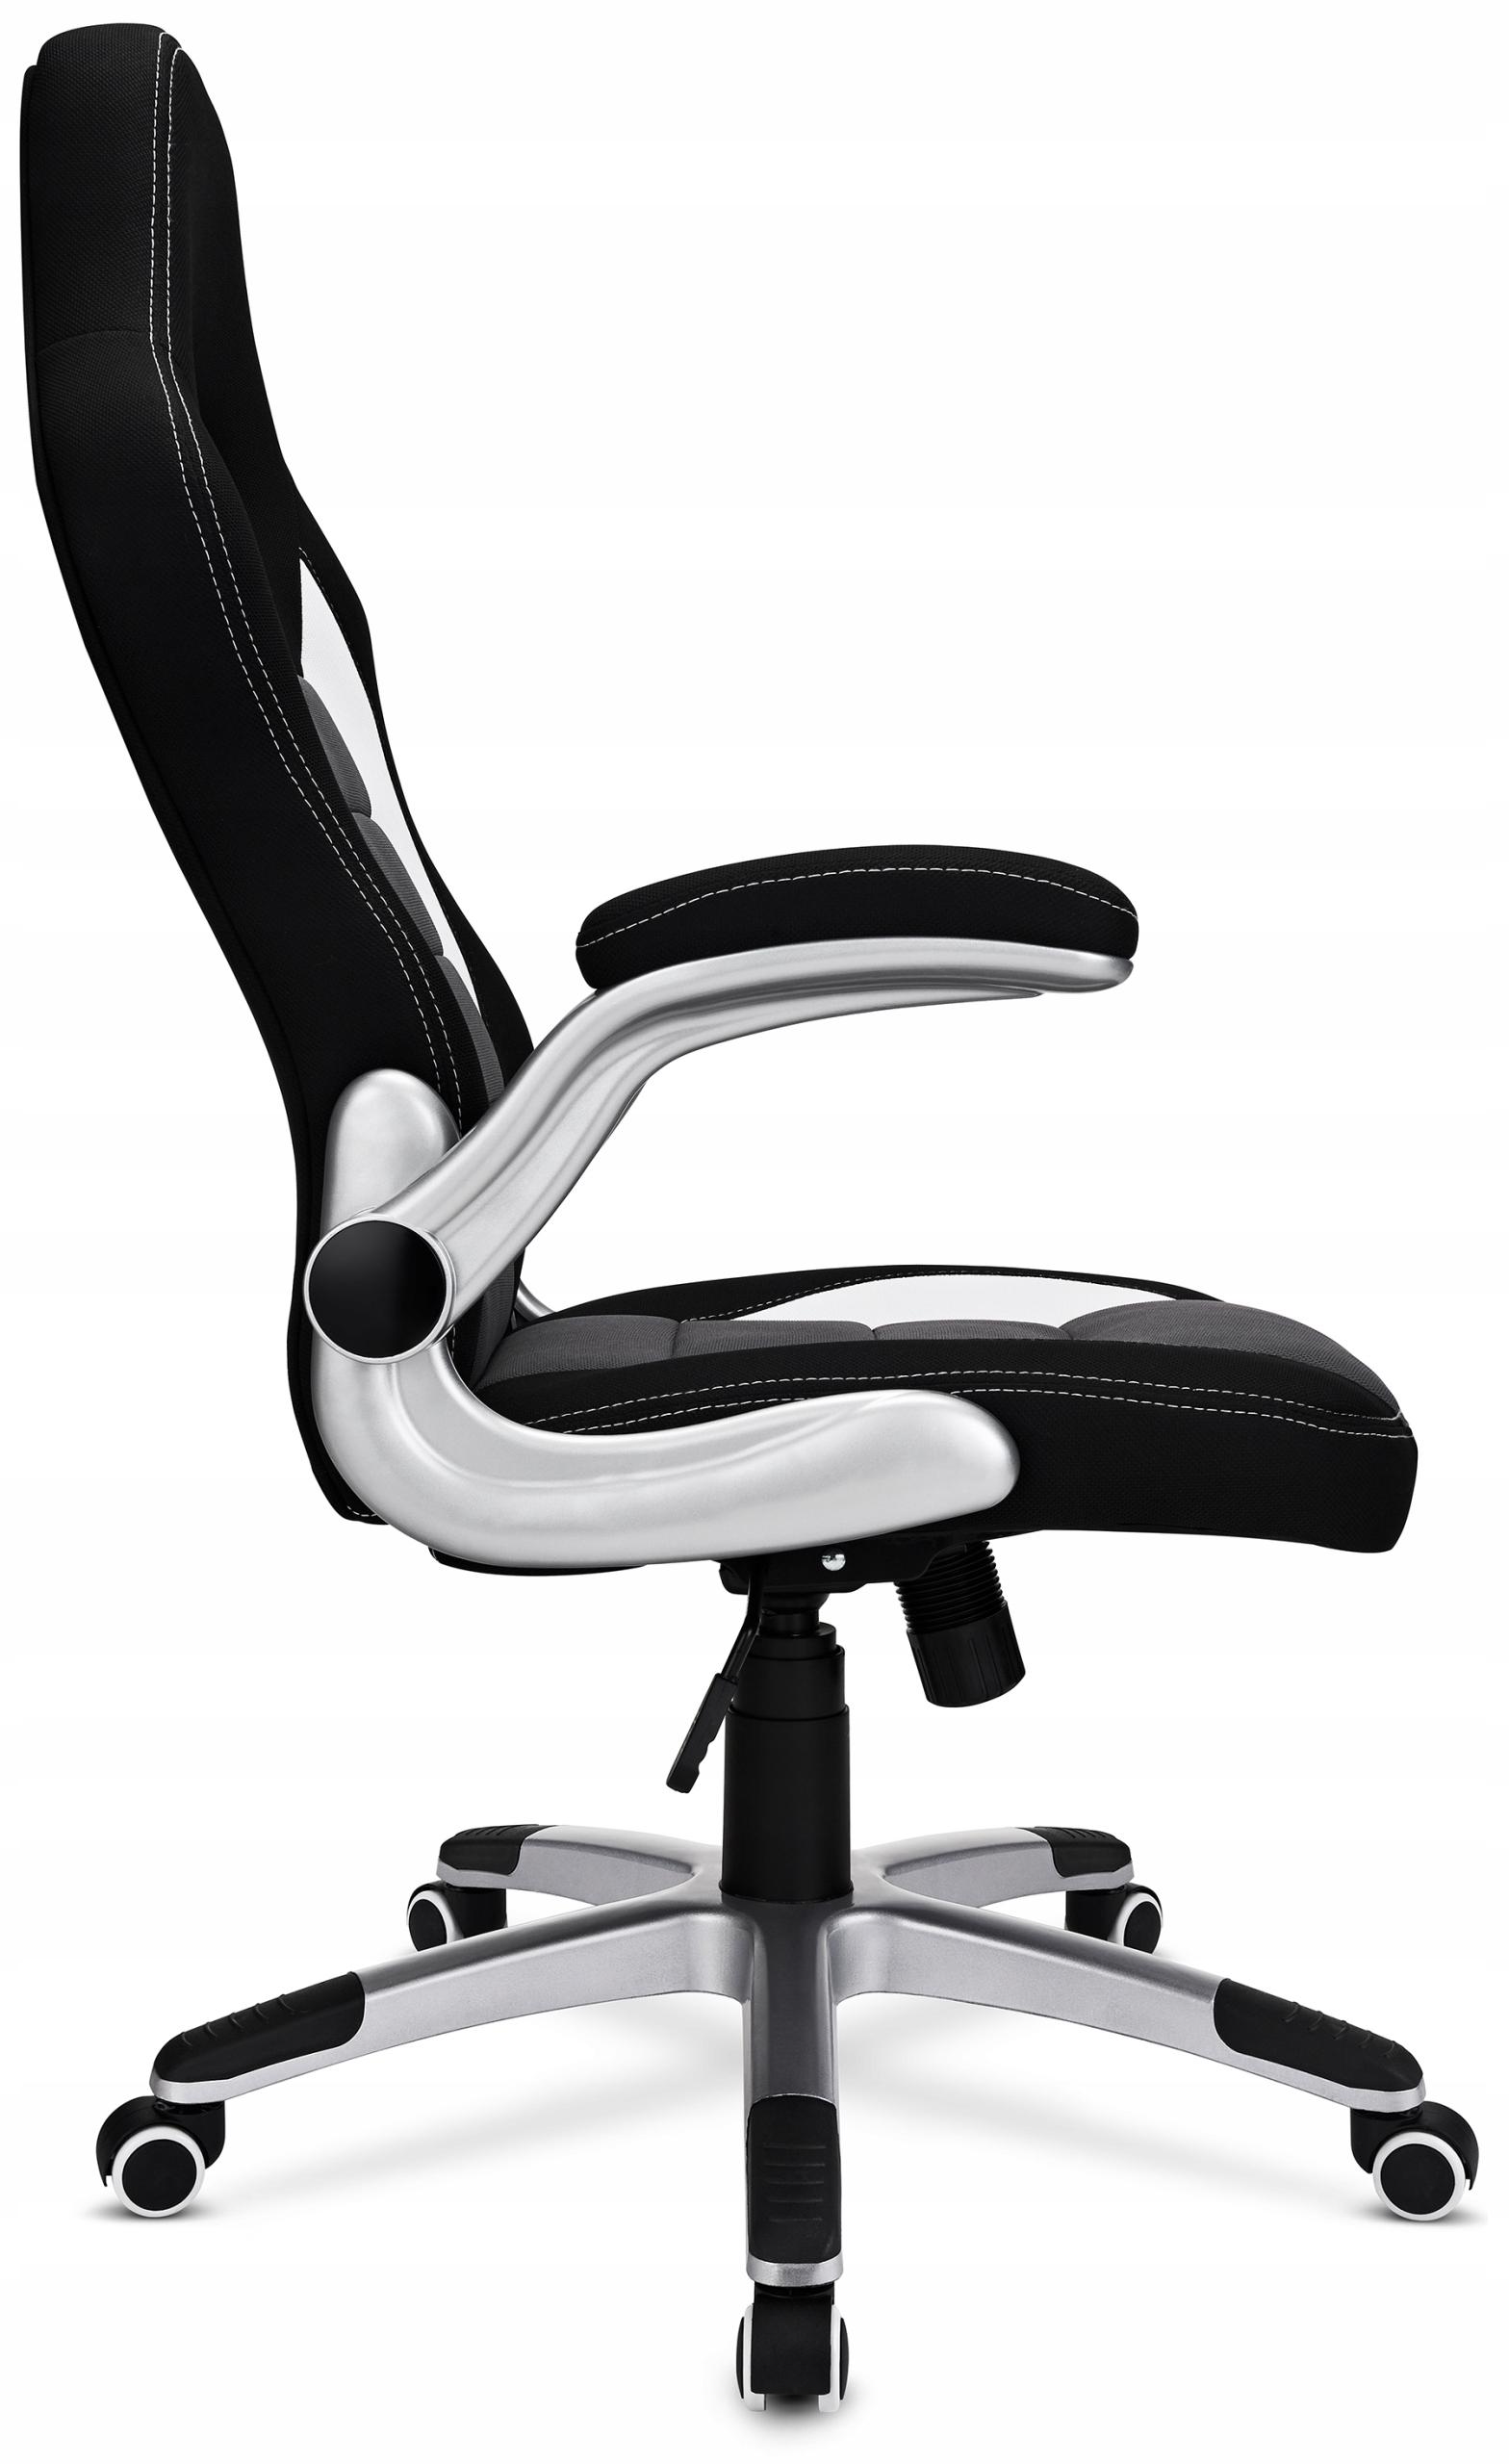 MATERIAŁOWY FOTEL BIUROWY OBROTOWY krzesło biurowe GTR +